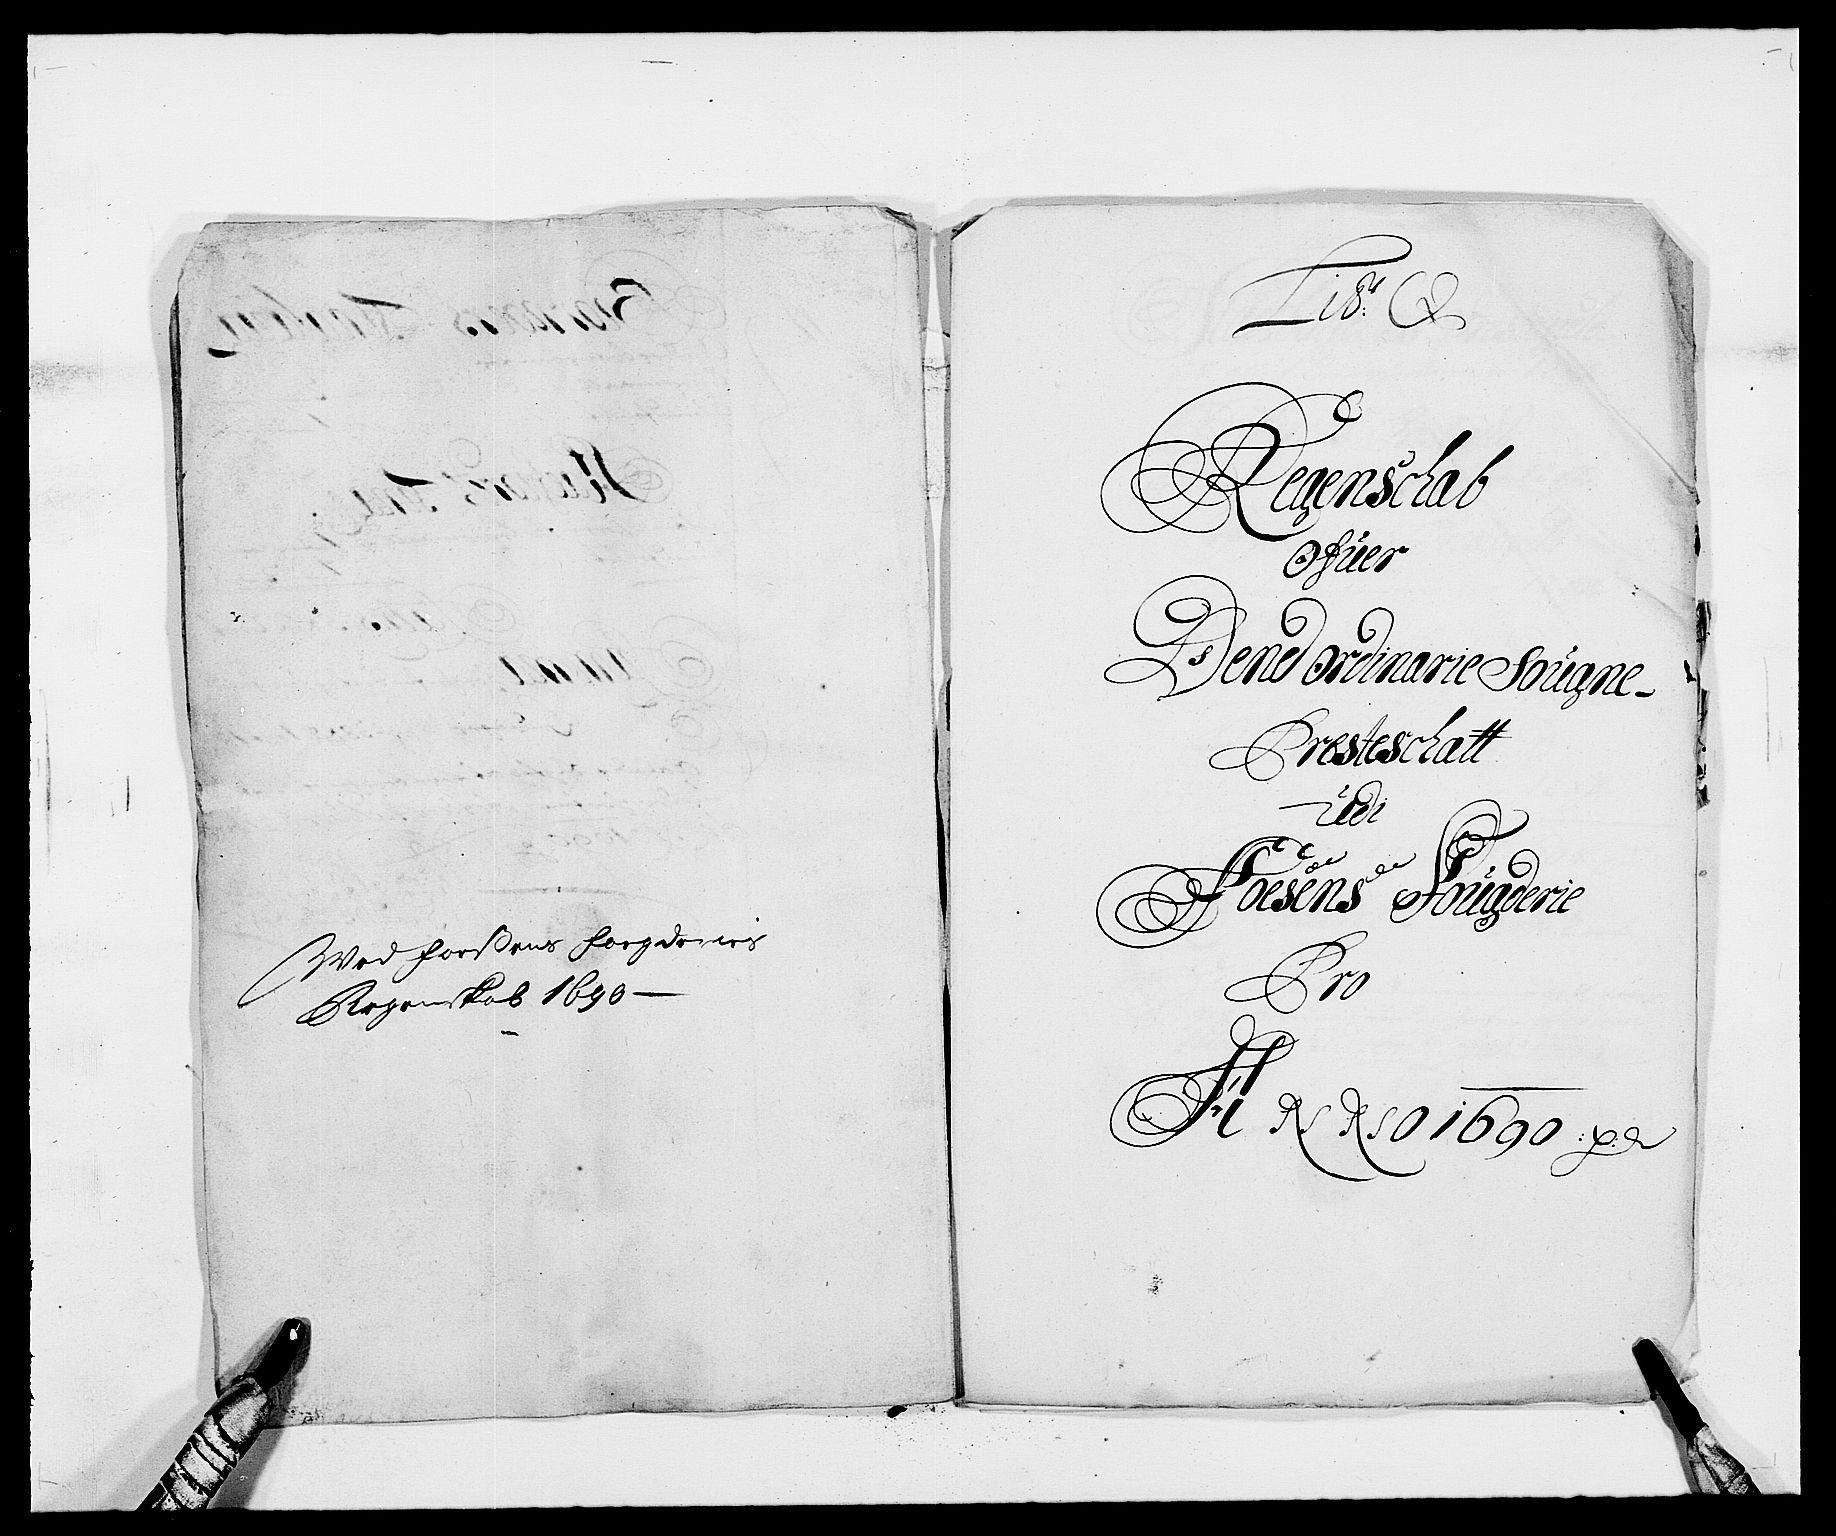 RA, Rentekammeret inntil 1814, Reviderte regnskaper, Fogderegnskap, R57/L3848: Fogderegnskap Fosen, 1690-1691, s. 187